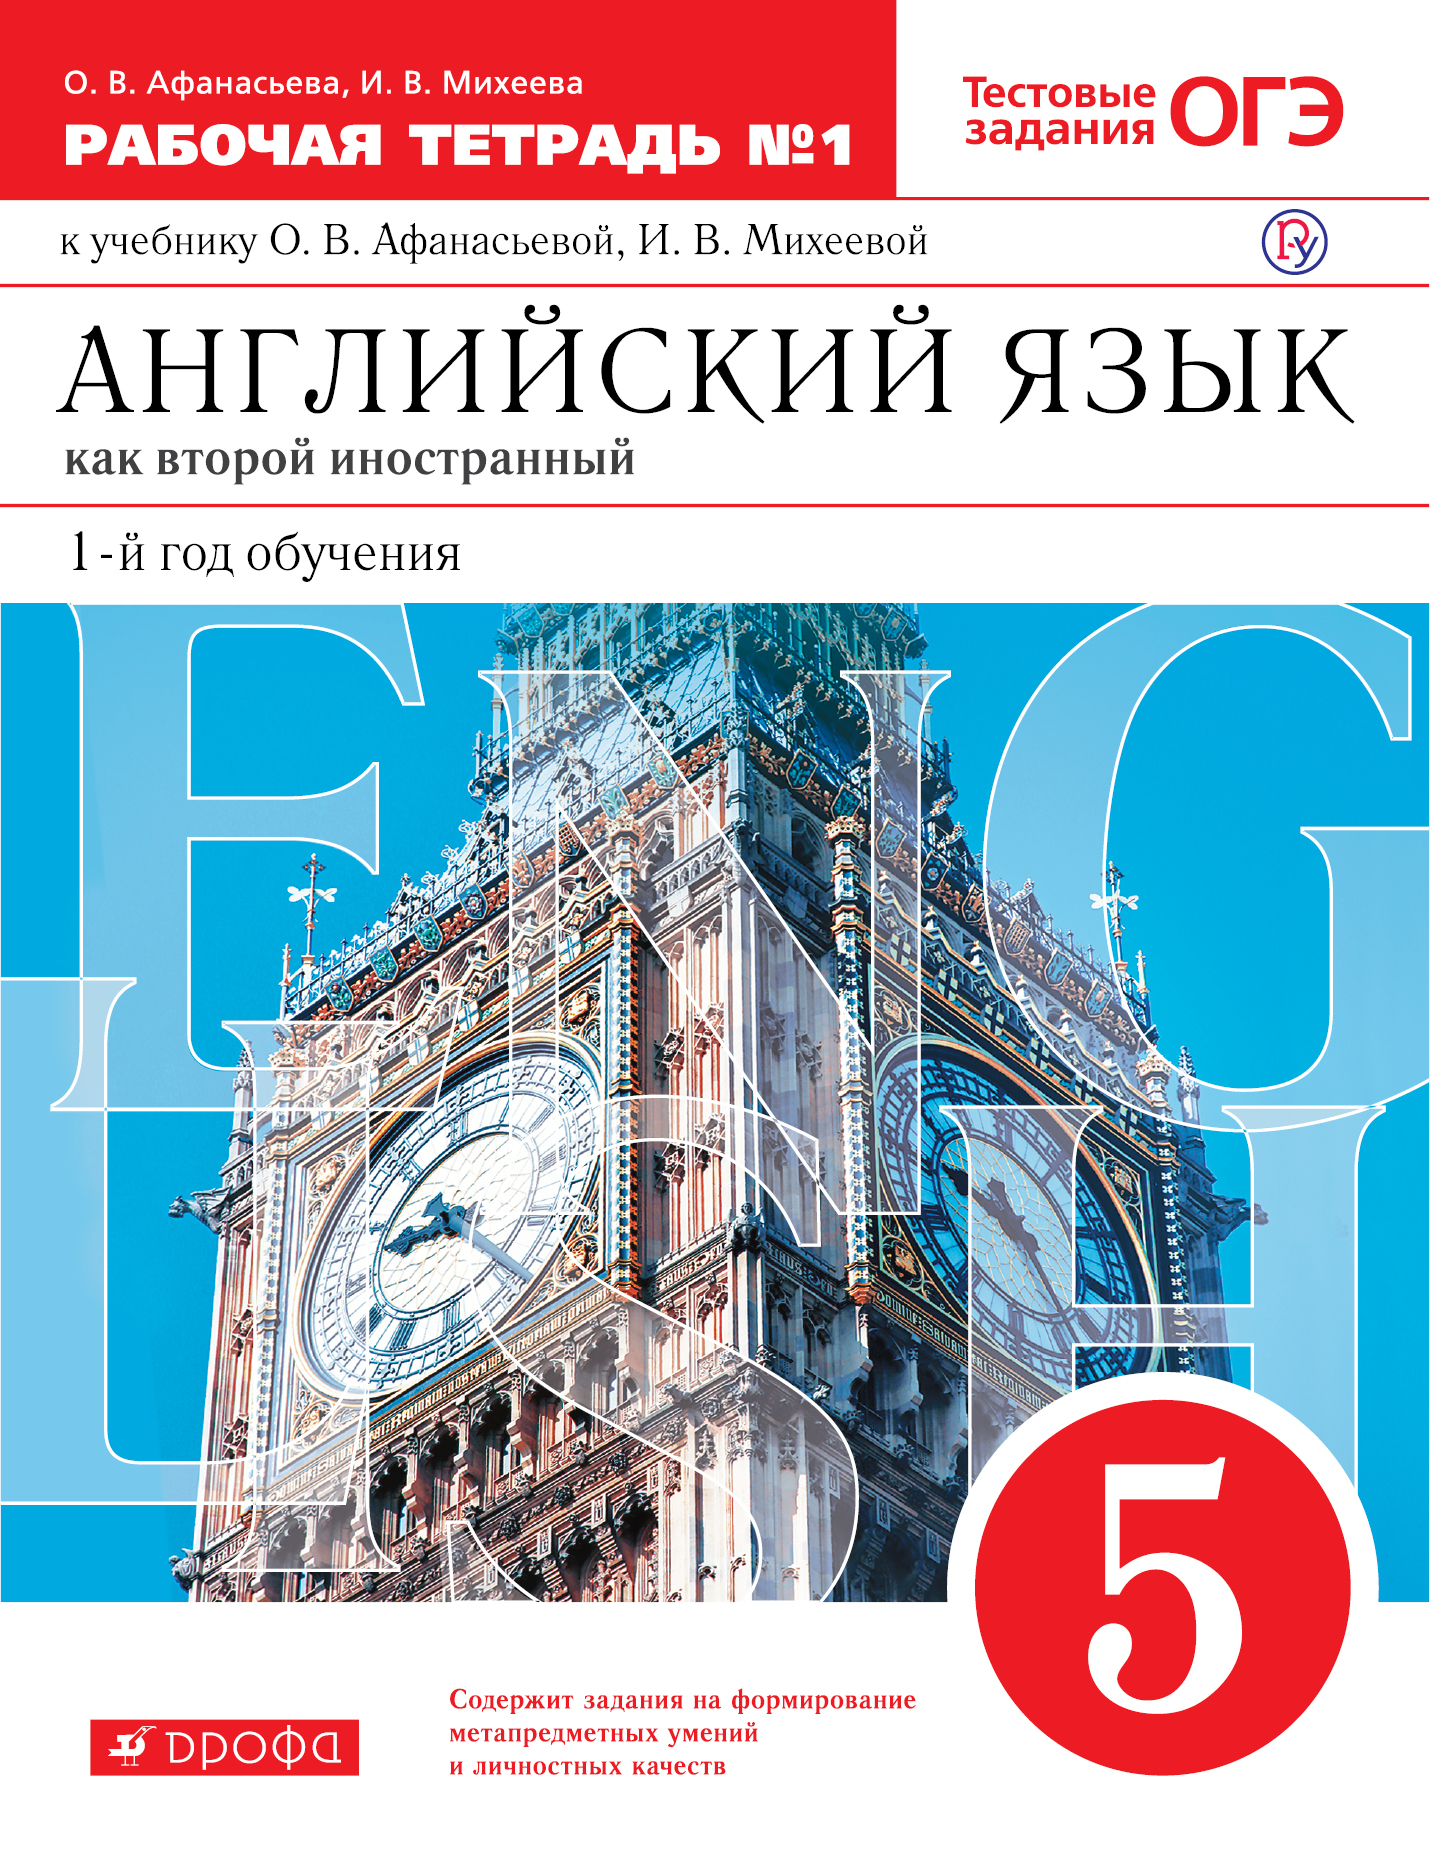 Афанасьева О.В., Михеева И.В. Английский язык как второй иностранный: первый год обучения. 5 класс. Рабочая тетрадь в 2-х частях. Часть 1